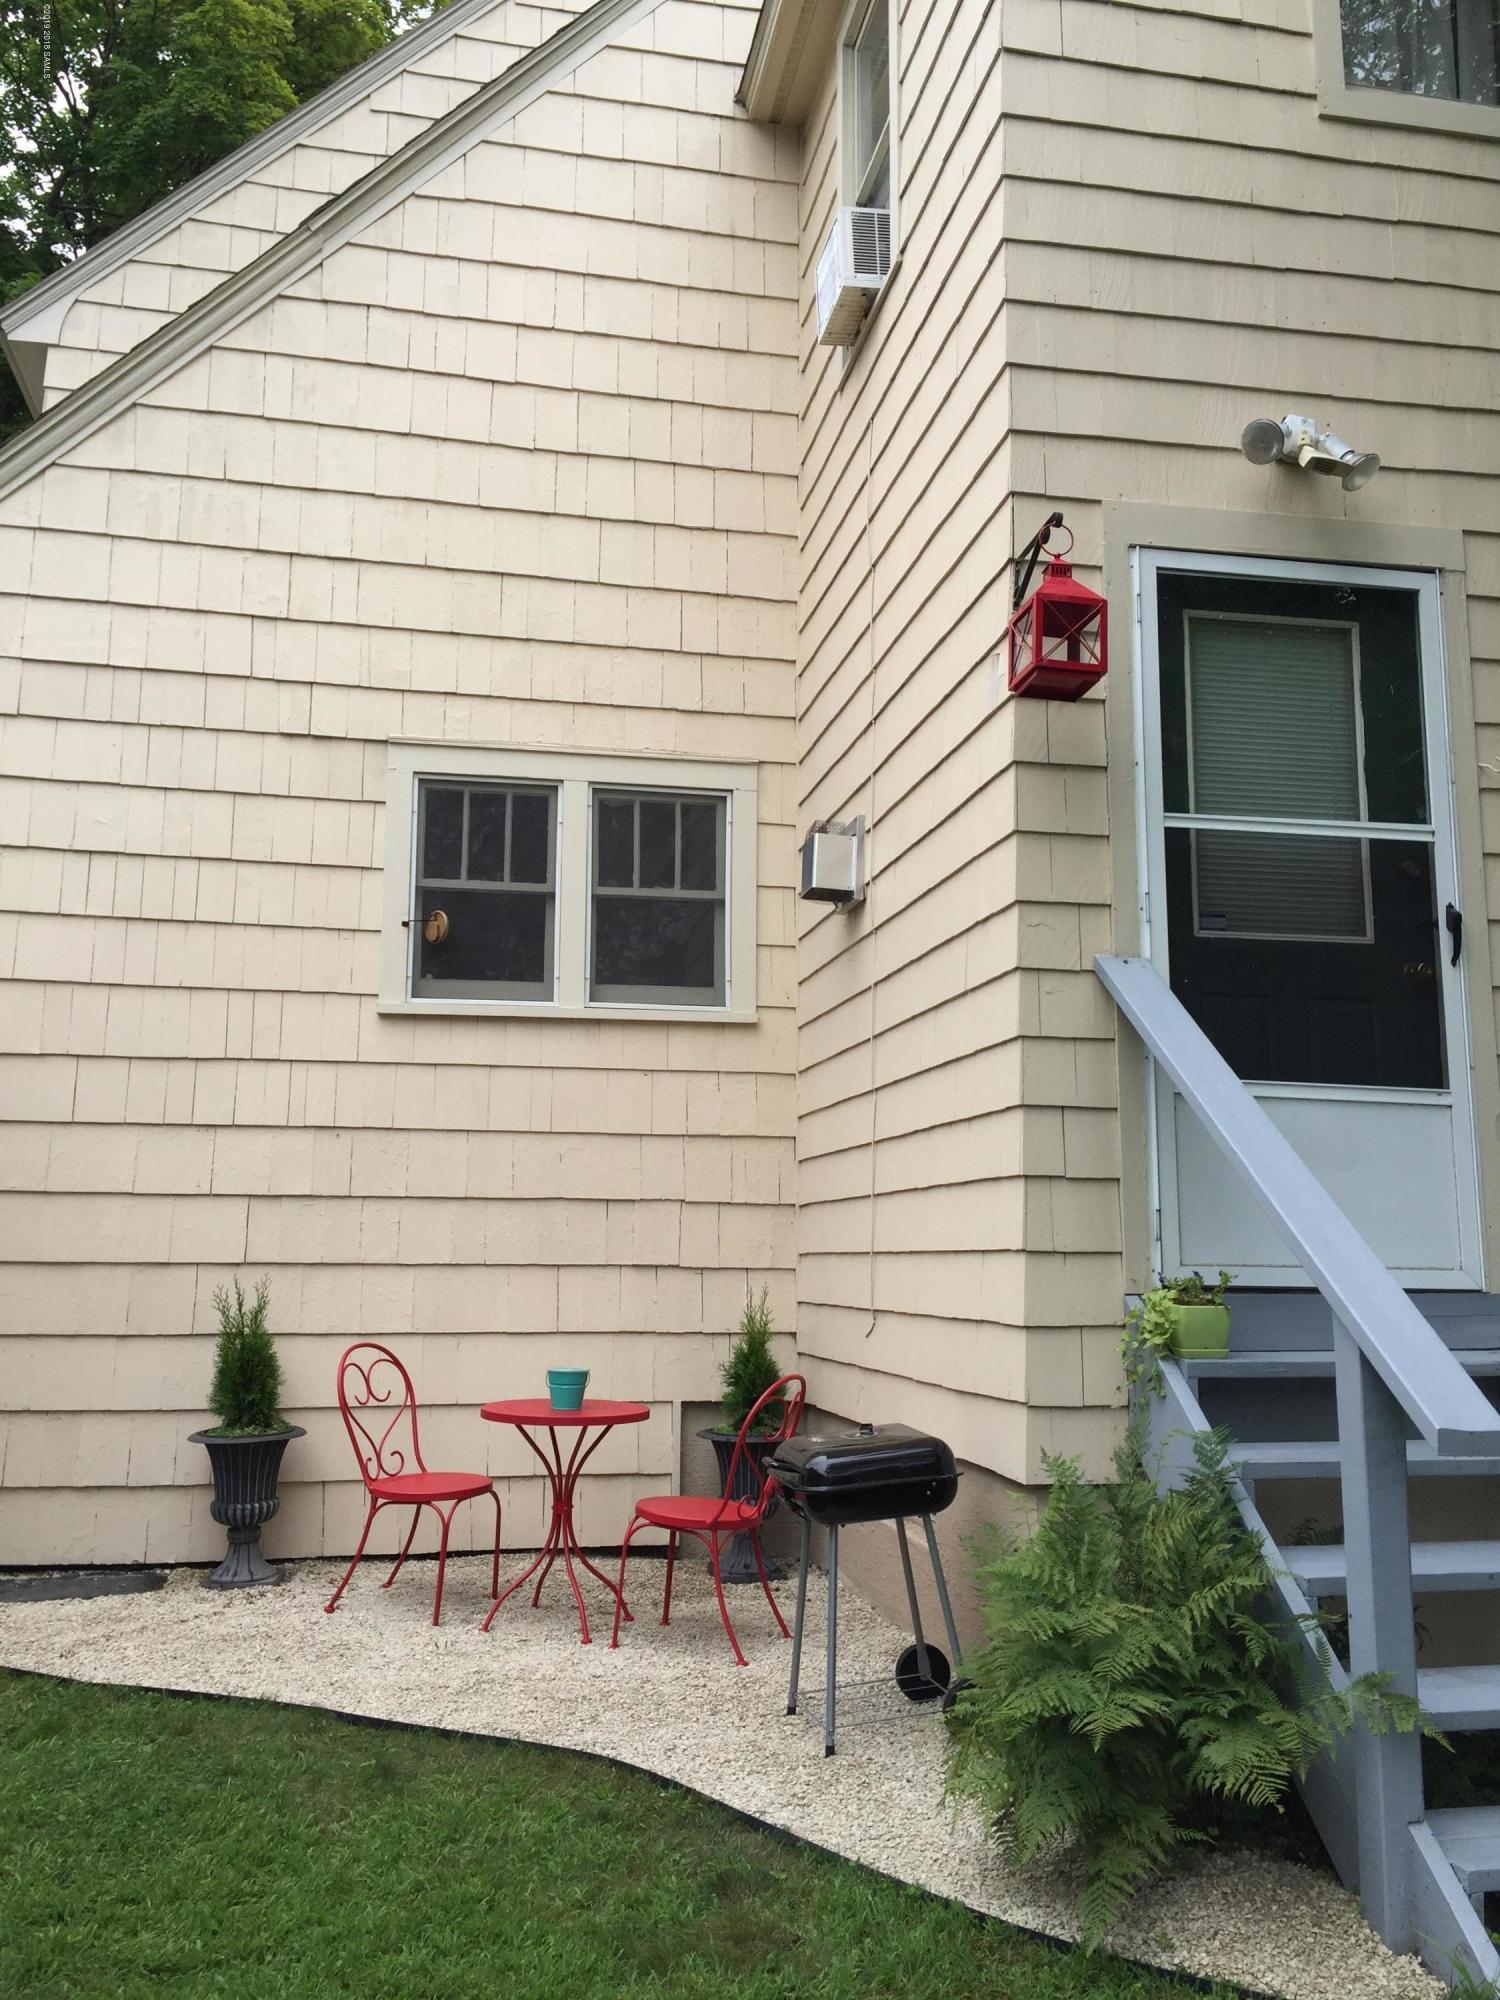 4 Bowman Avenue, Glens Falls NY 12801 photo 3